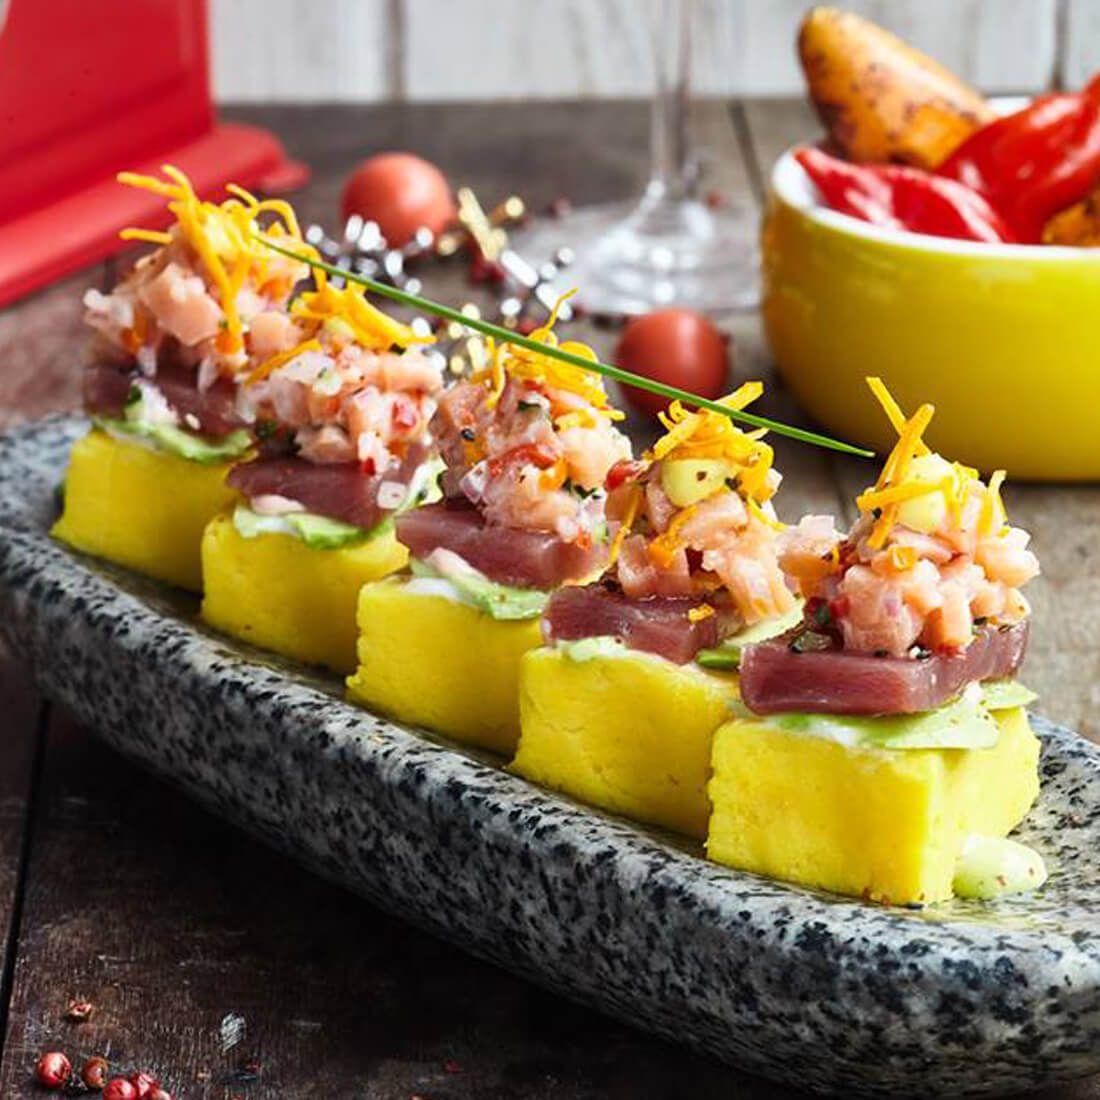 LA NACIONAL - LOS DOMINICOS Restaurante - Reserva en restaurantes de Comida PERUANA - LASCONDES - MESA 24/7 | SANTIAGO - Perú